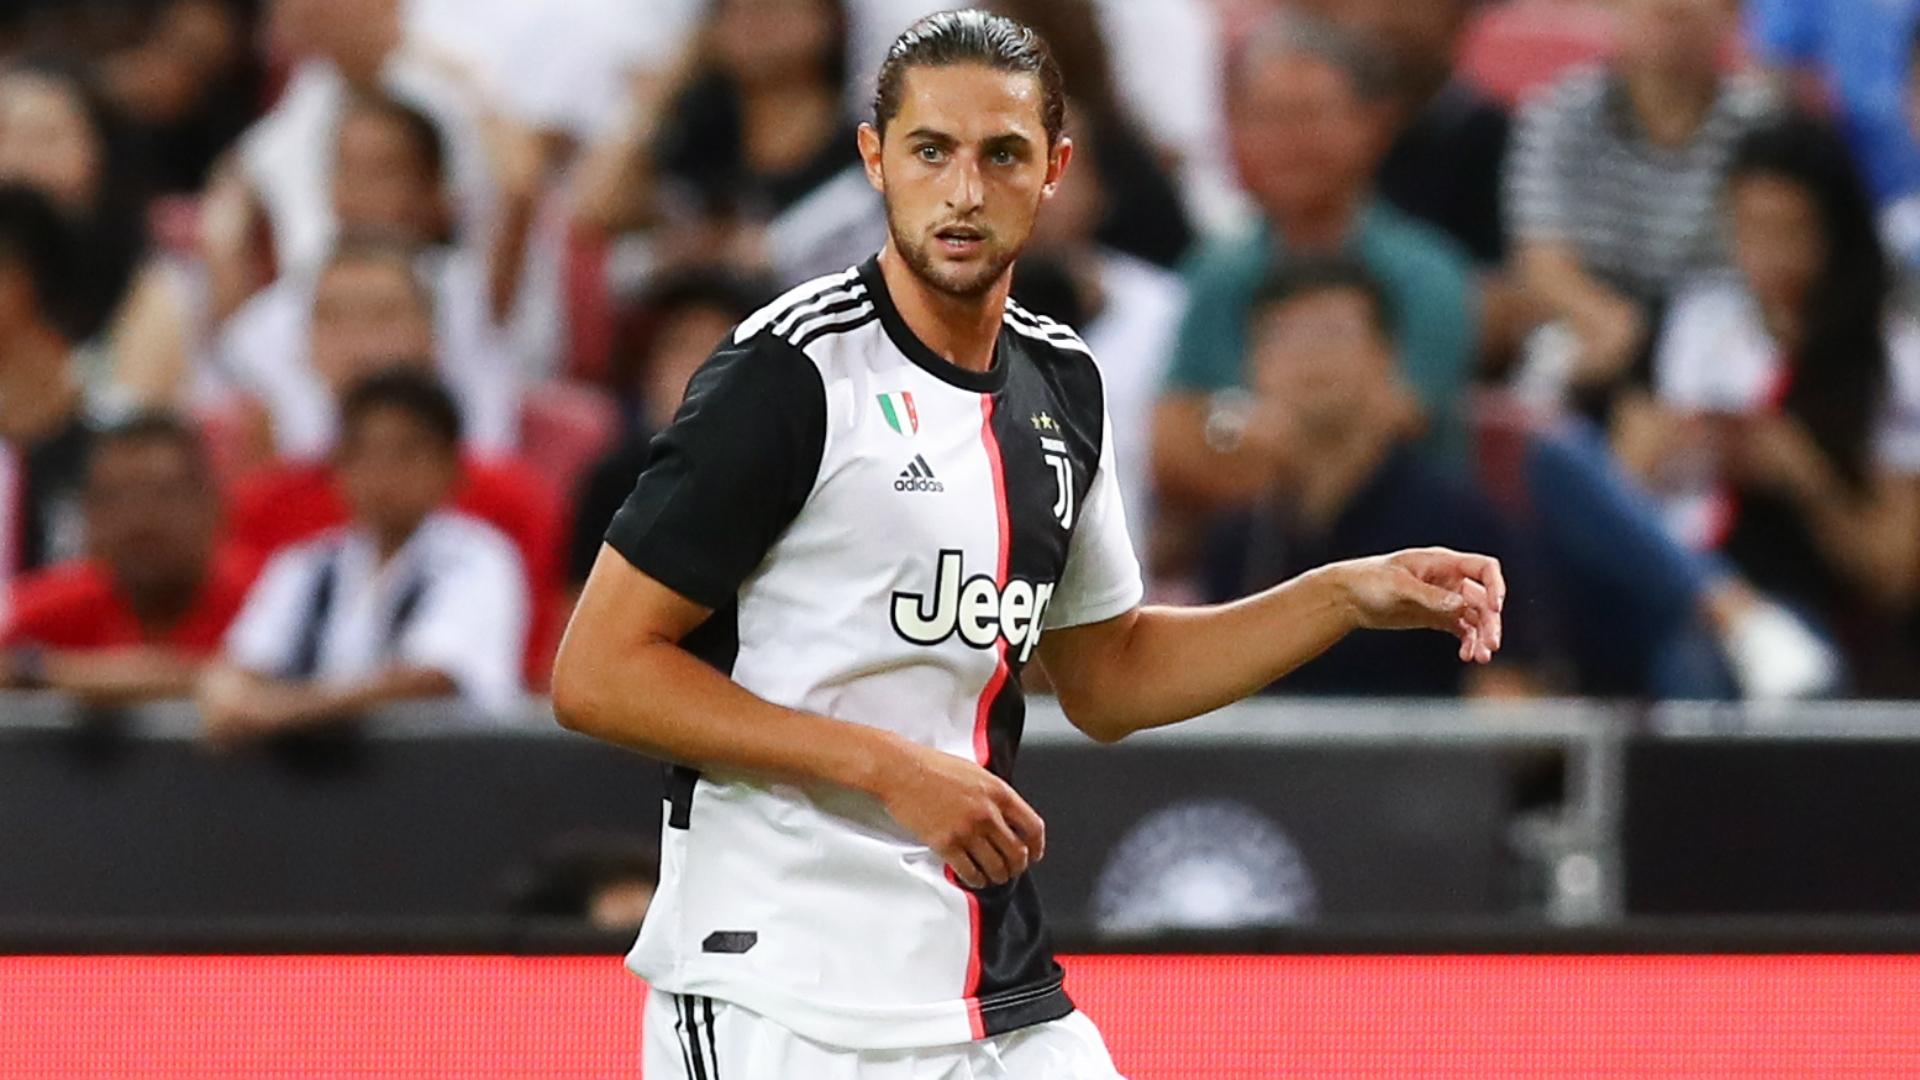 10 tân binh chưa thể hiện được nhiều tại Serie A mùa này: